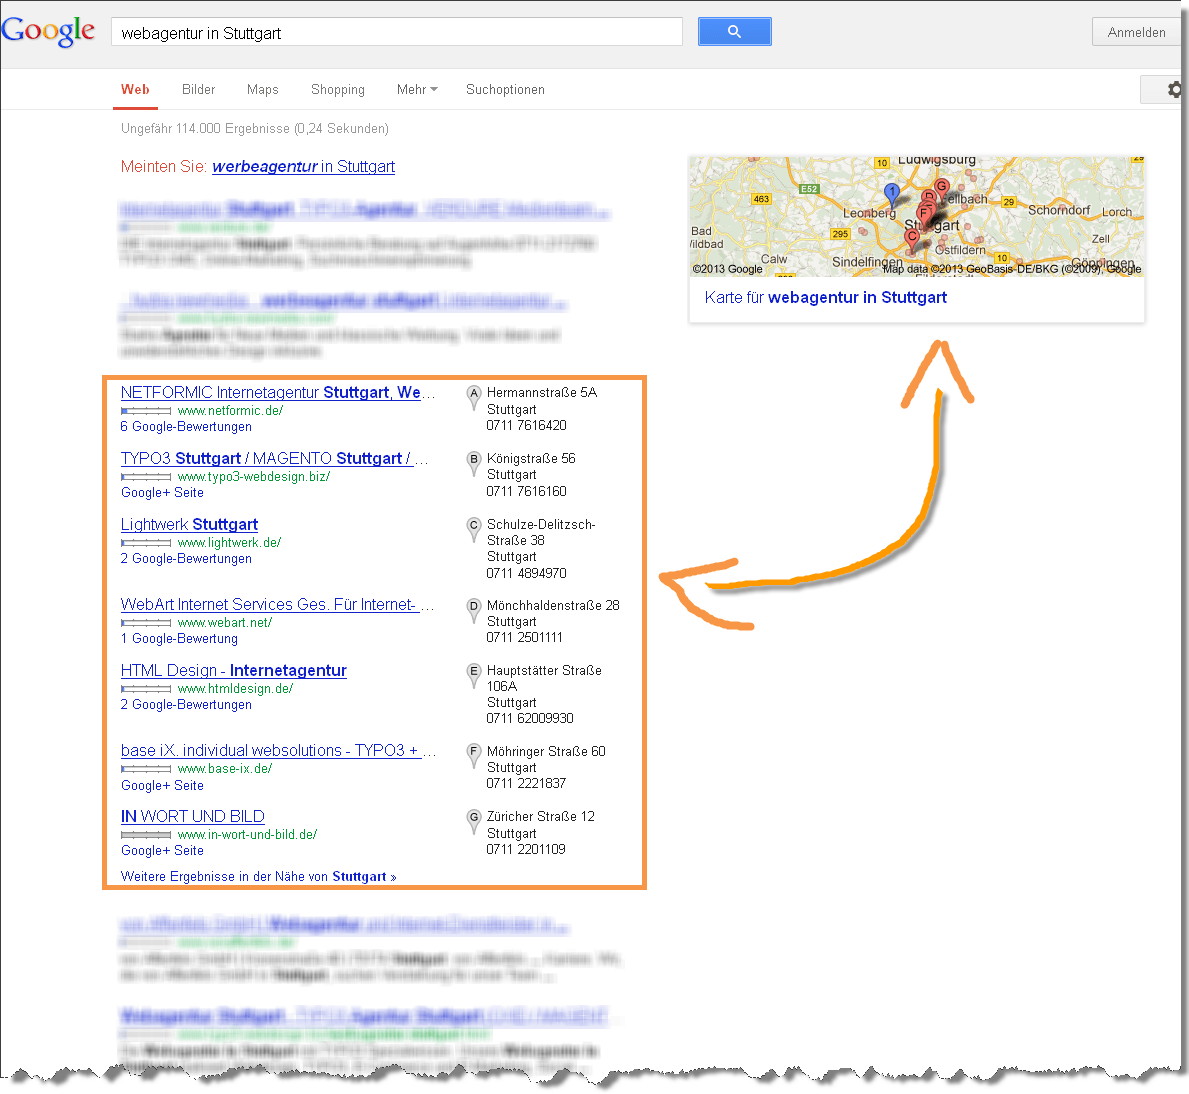 Darstellung-der-Suchergebnisse-nach-einer-Webagentur-in-Stuttgart-Details